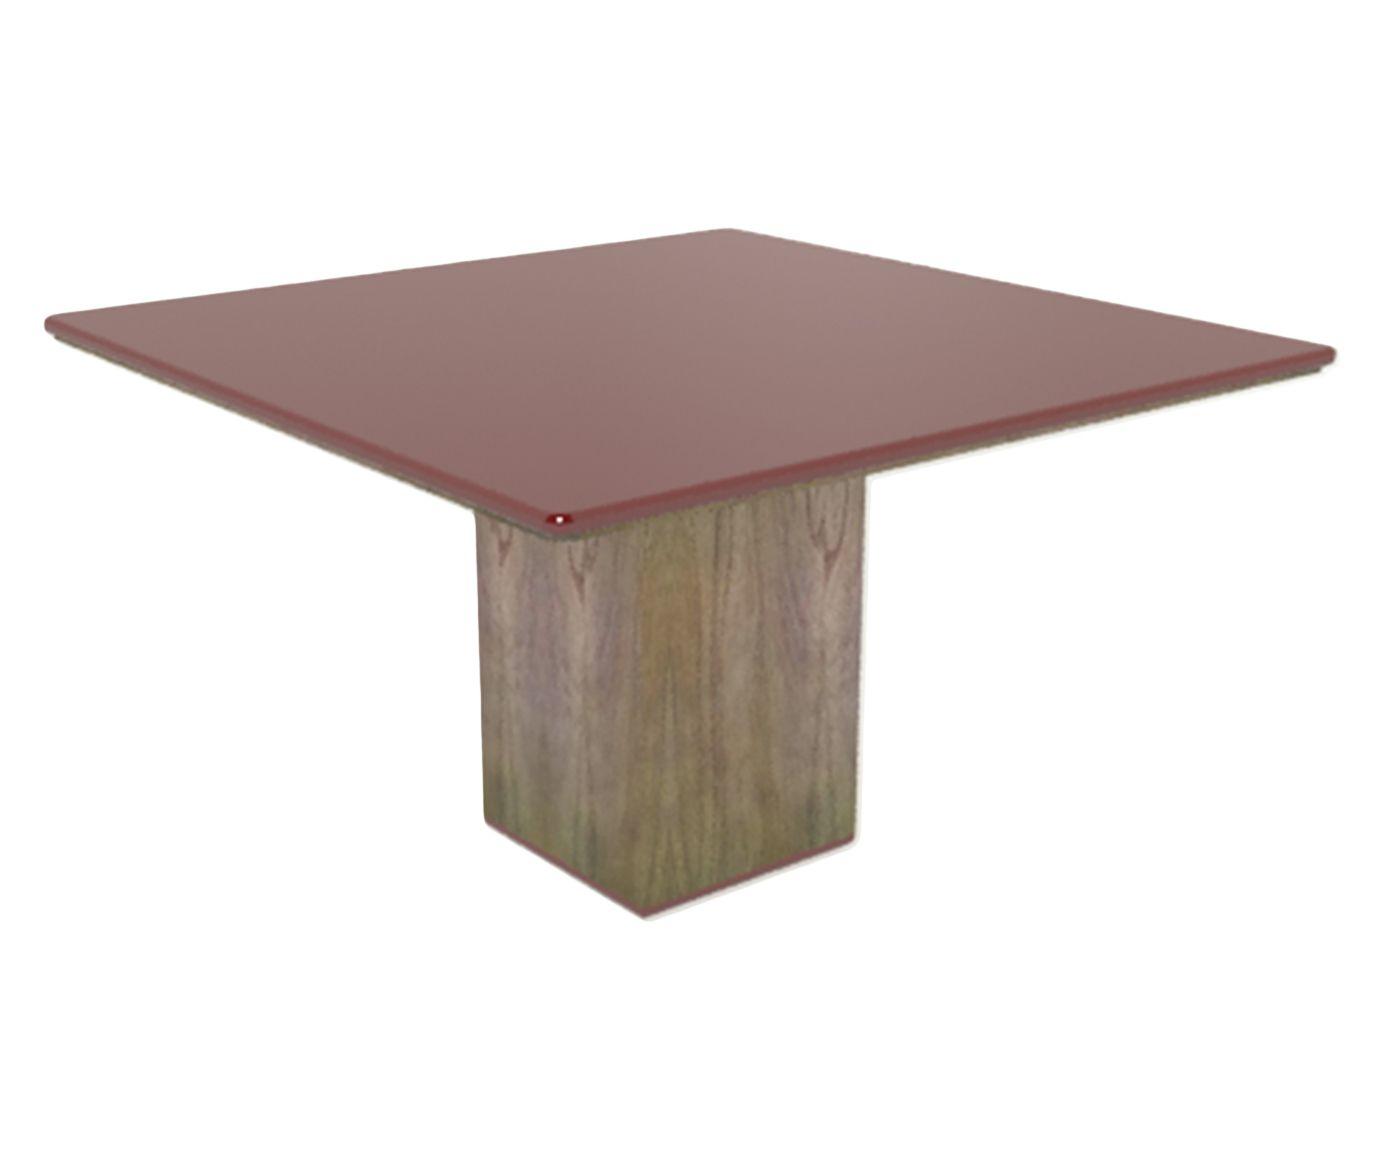 Mesa de Jantar Cananeia Carmim - 130x130cm   Westwing.com.br